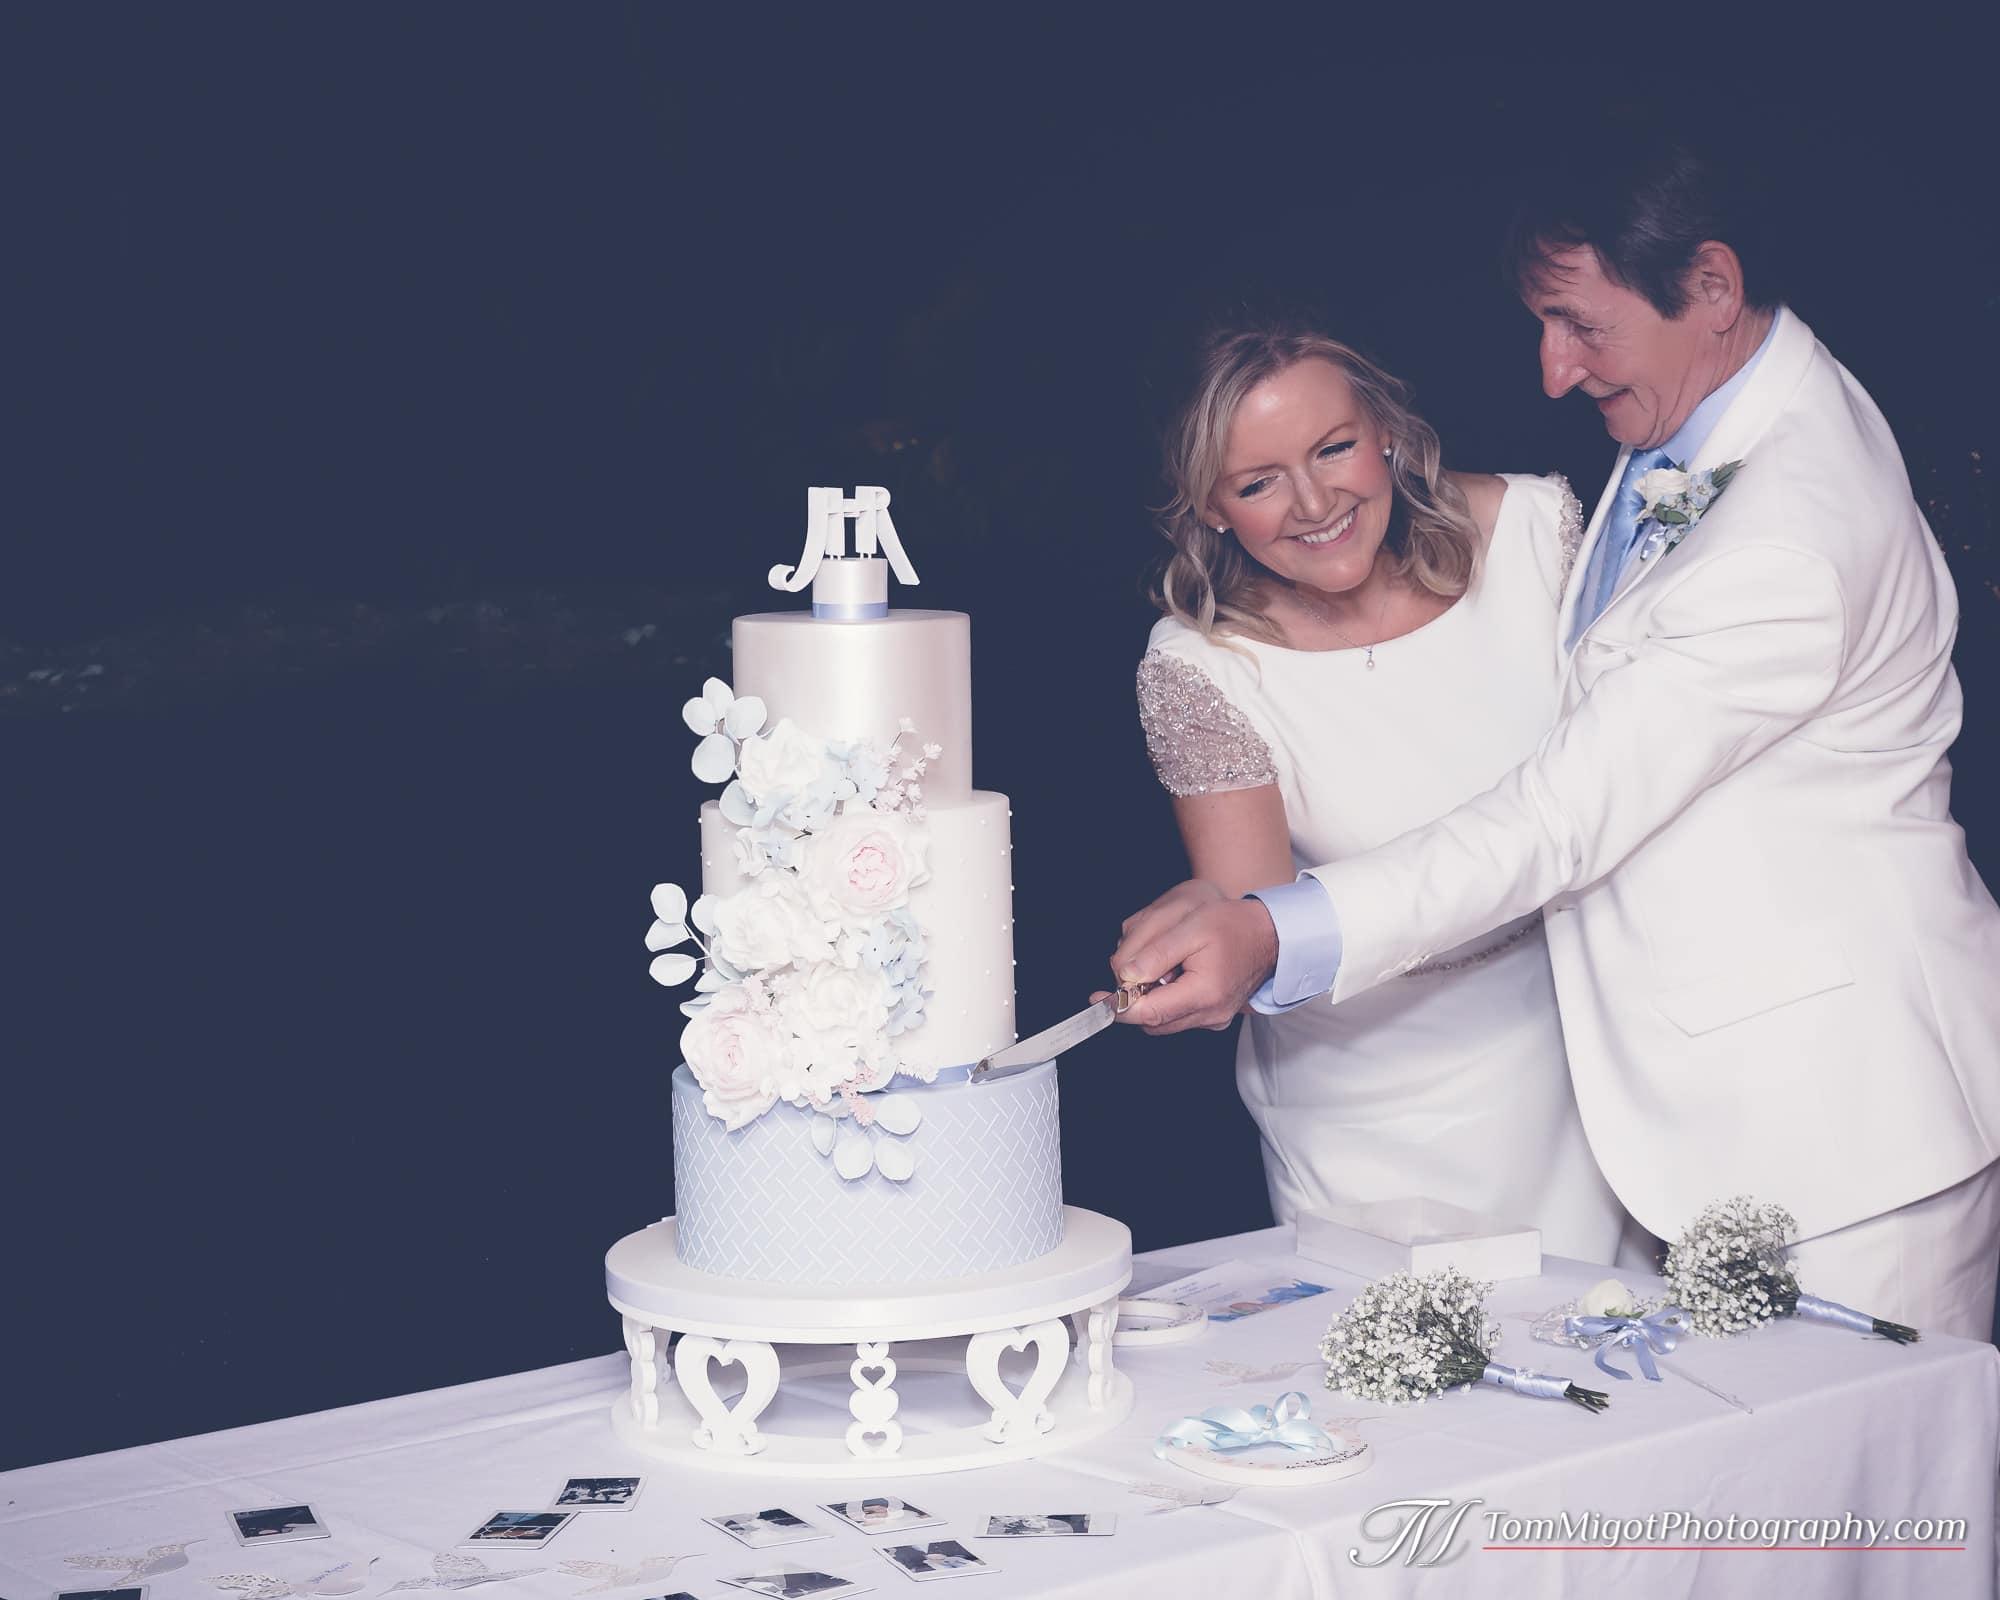 La vie c'est comme une part de gâteau. C'est bien meilleur quand on la partage avec l'être qu'on aime